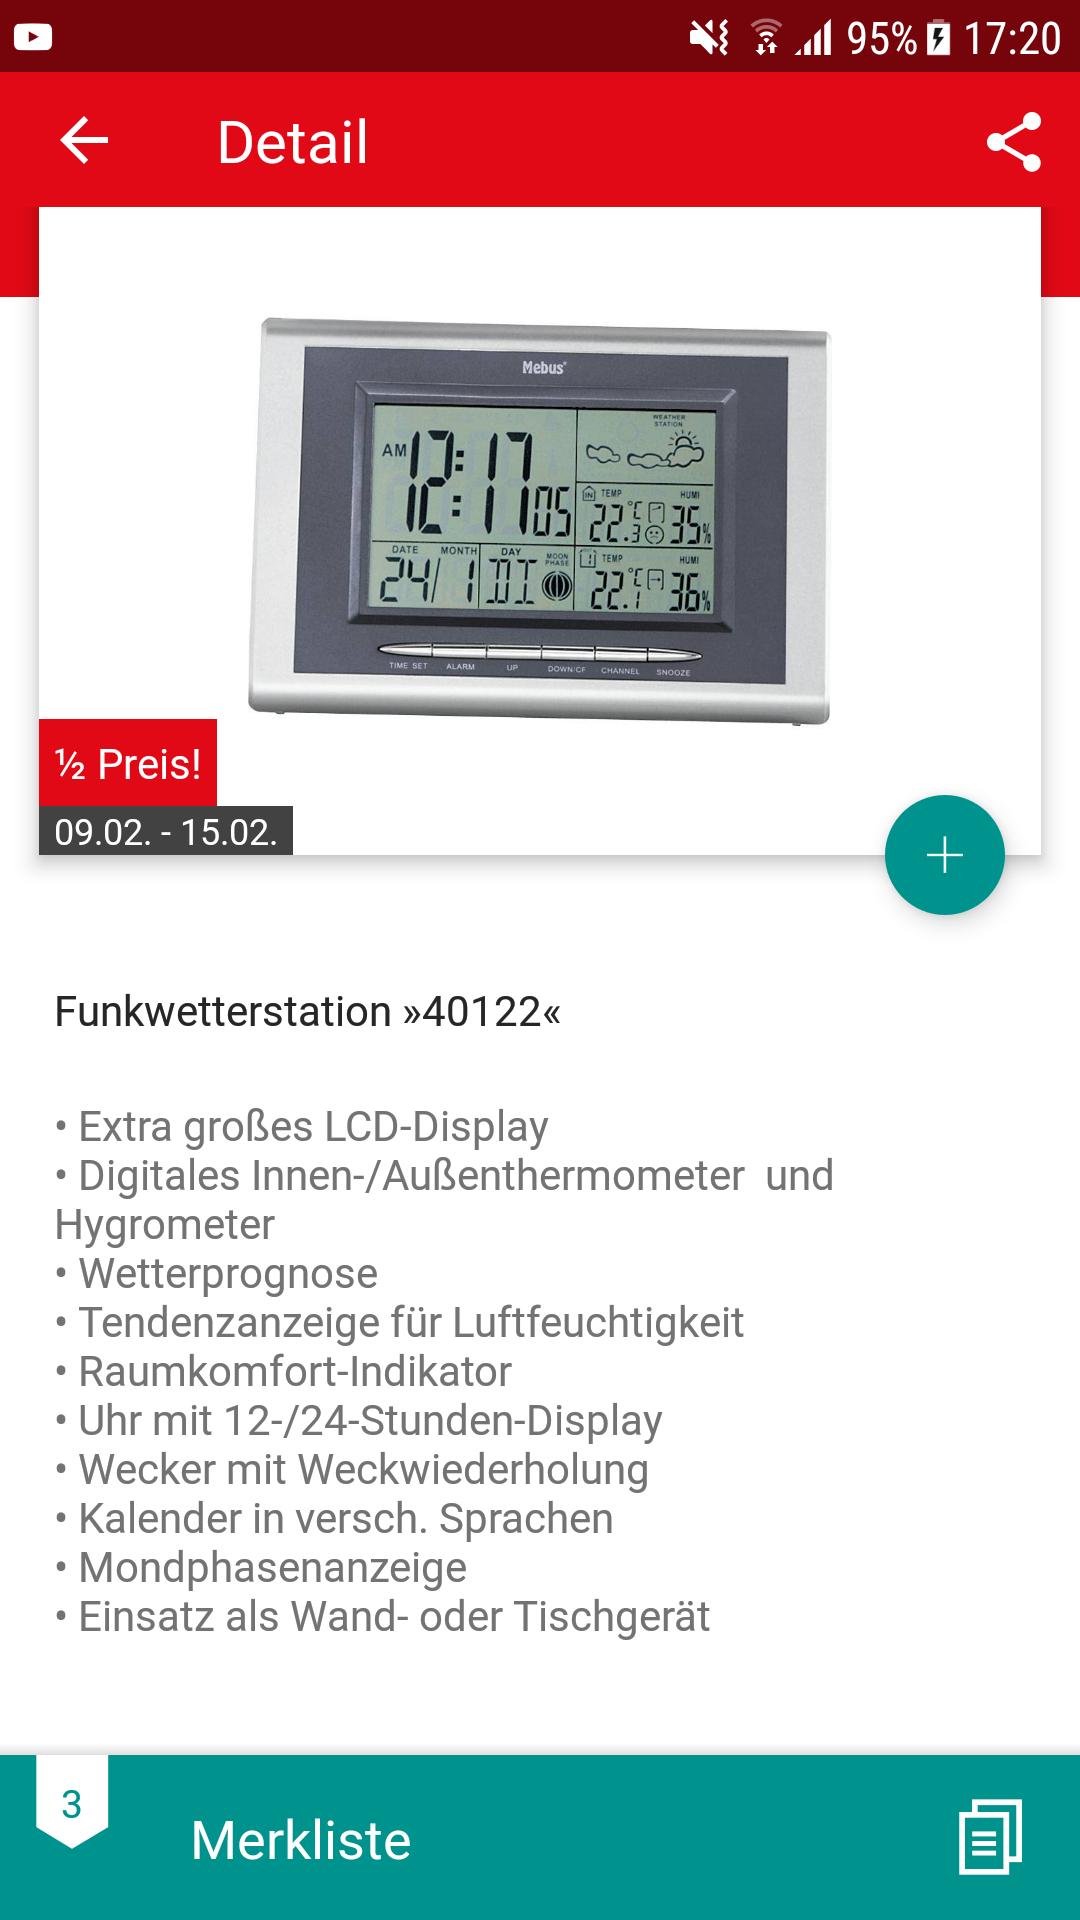 [AB 09.02.] Kaufland: Mebus 40122  Funk-Wetterstation für 15€